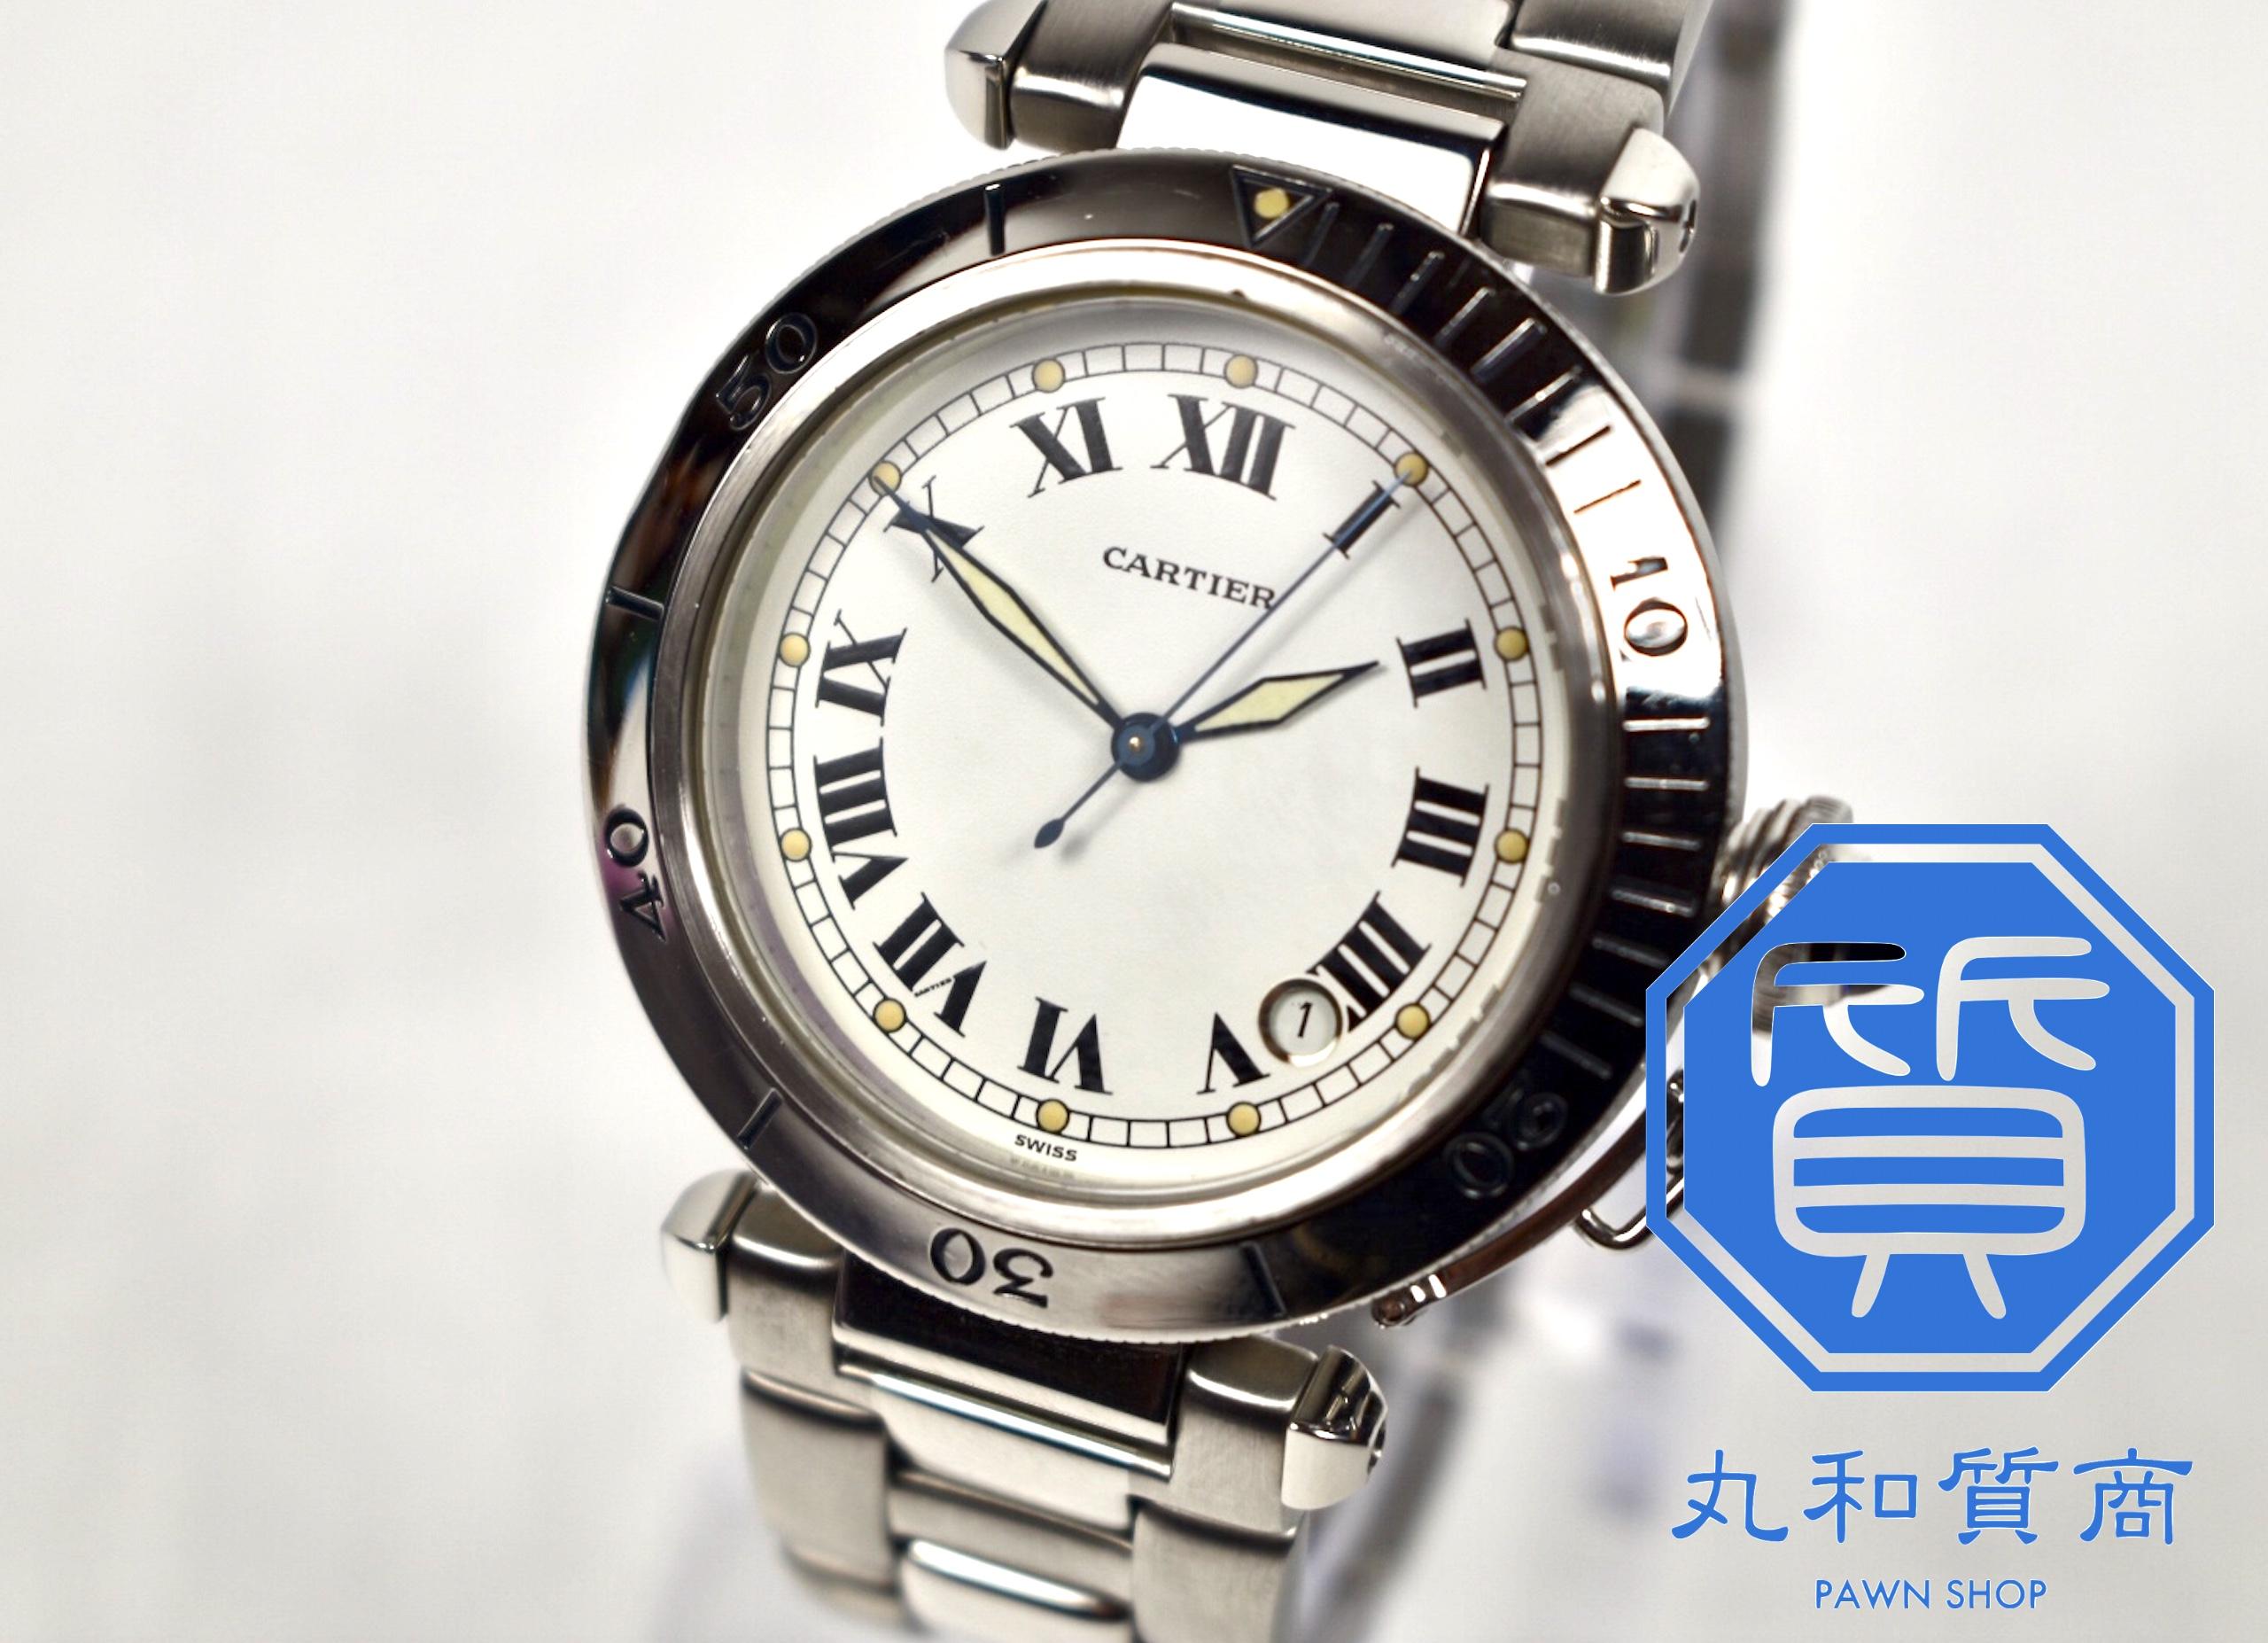 カルティエ 時計 パシャ38 ローマンをお買取!価格の相場は?